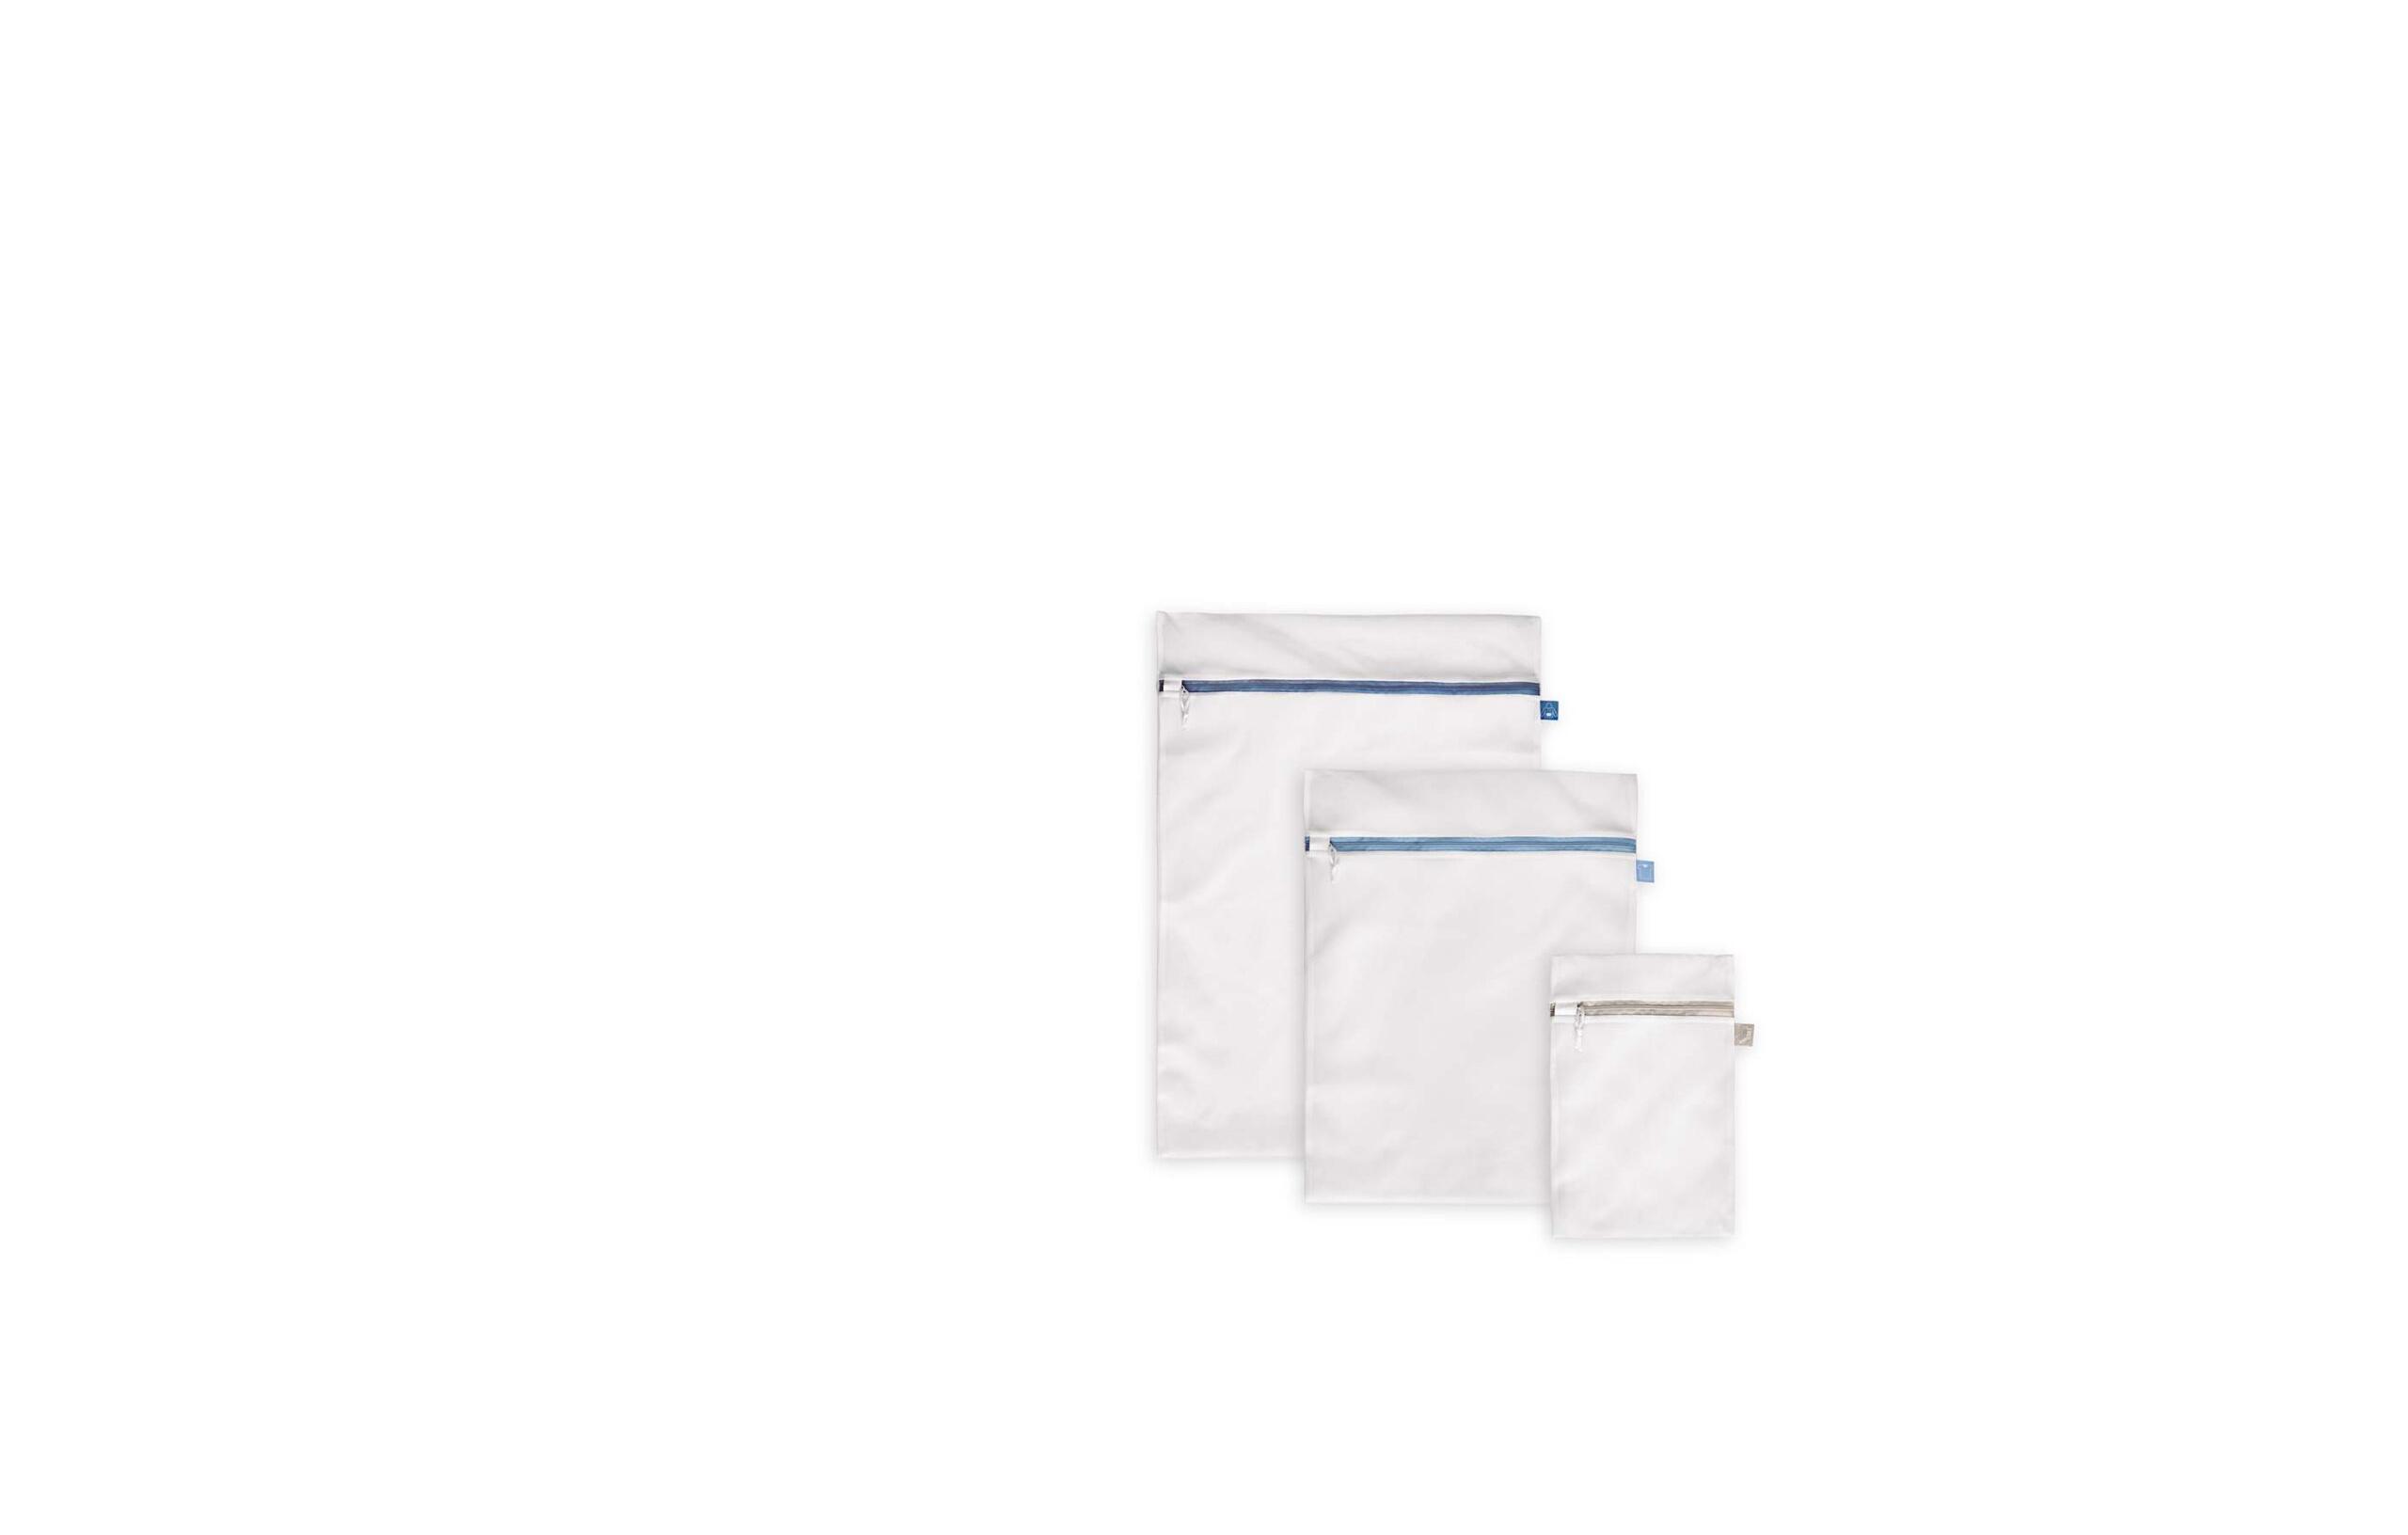 bolsa-lavadora-1-2021-scaled-1 bolsa-lavadora-1-2021-scaled | Rayen.com